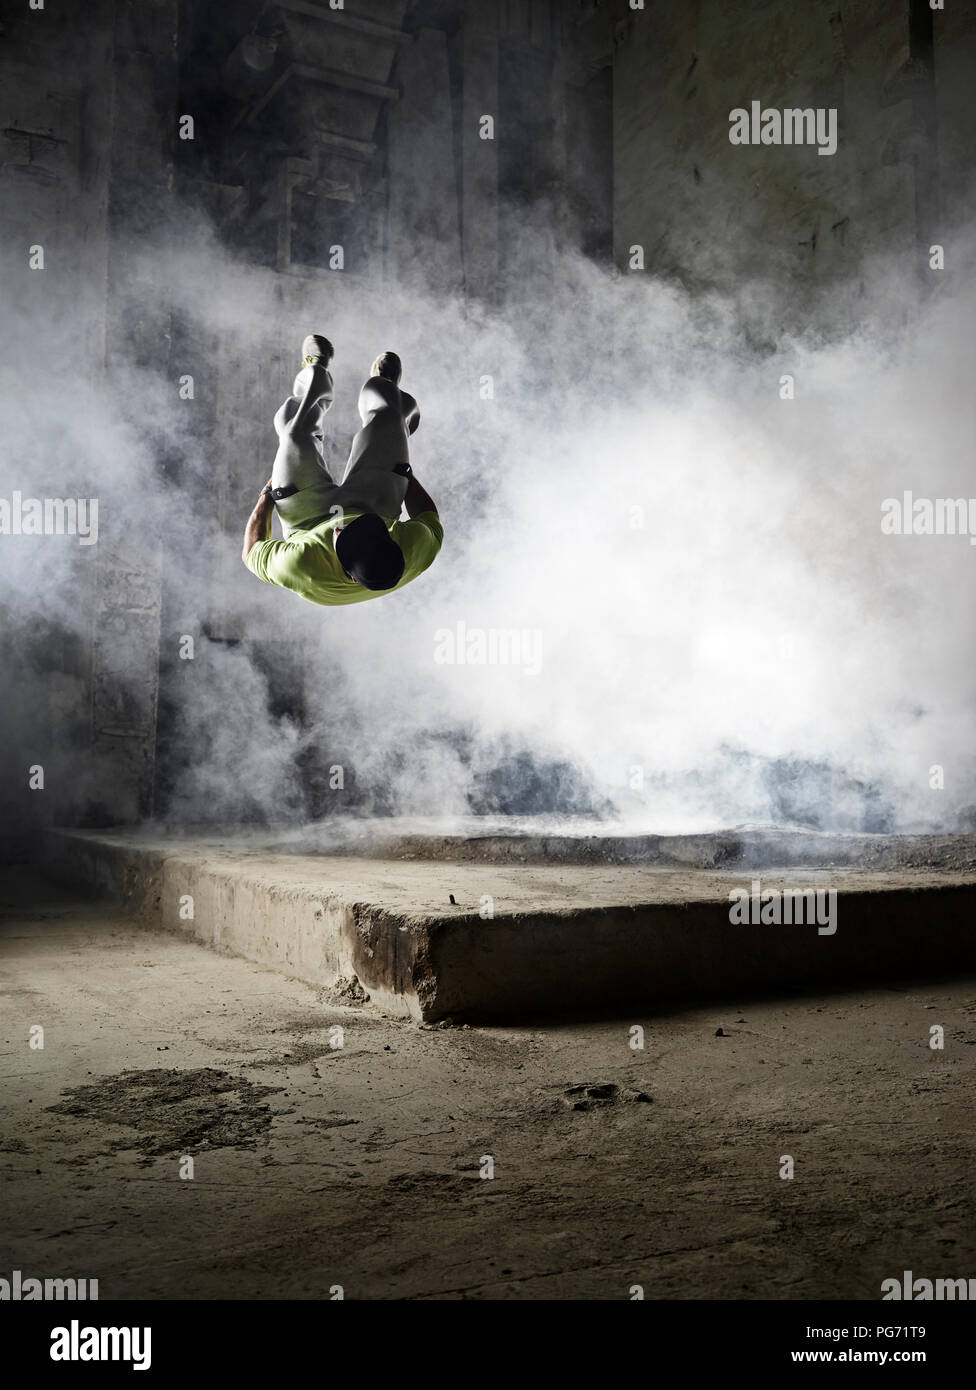 Man dans un nuage de poussière au cours de l'exercice factory ♡ lovely fairies ♡ pascal Alexandra Photo Stock